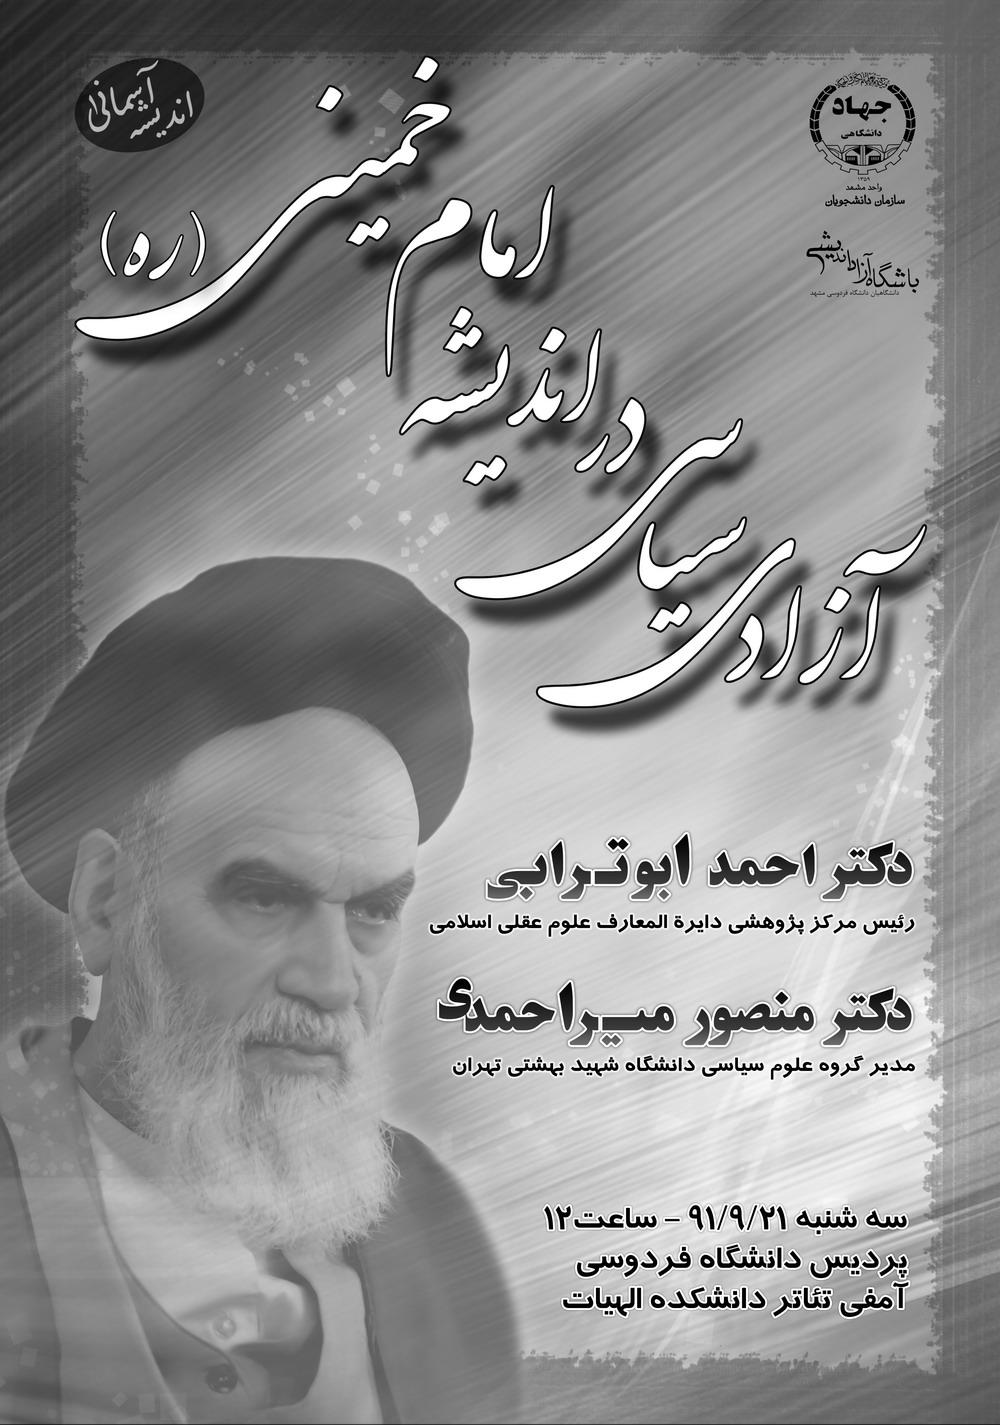 آزادی سیاسی در اندیشه امام خمینی